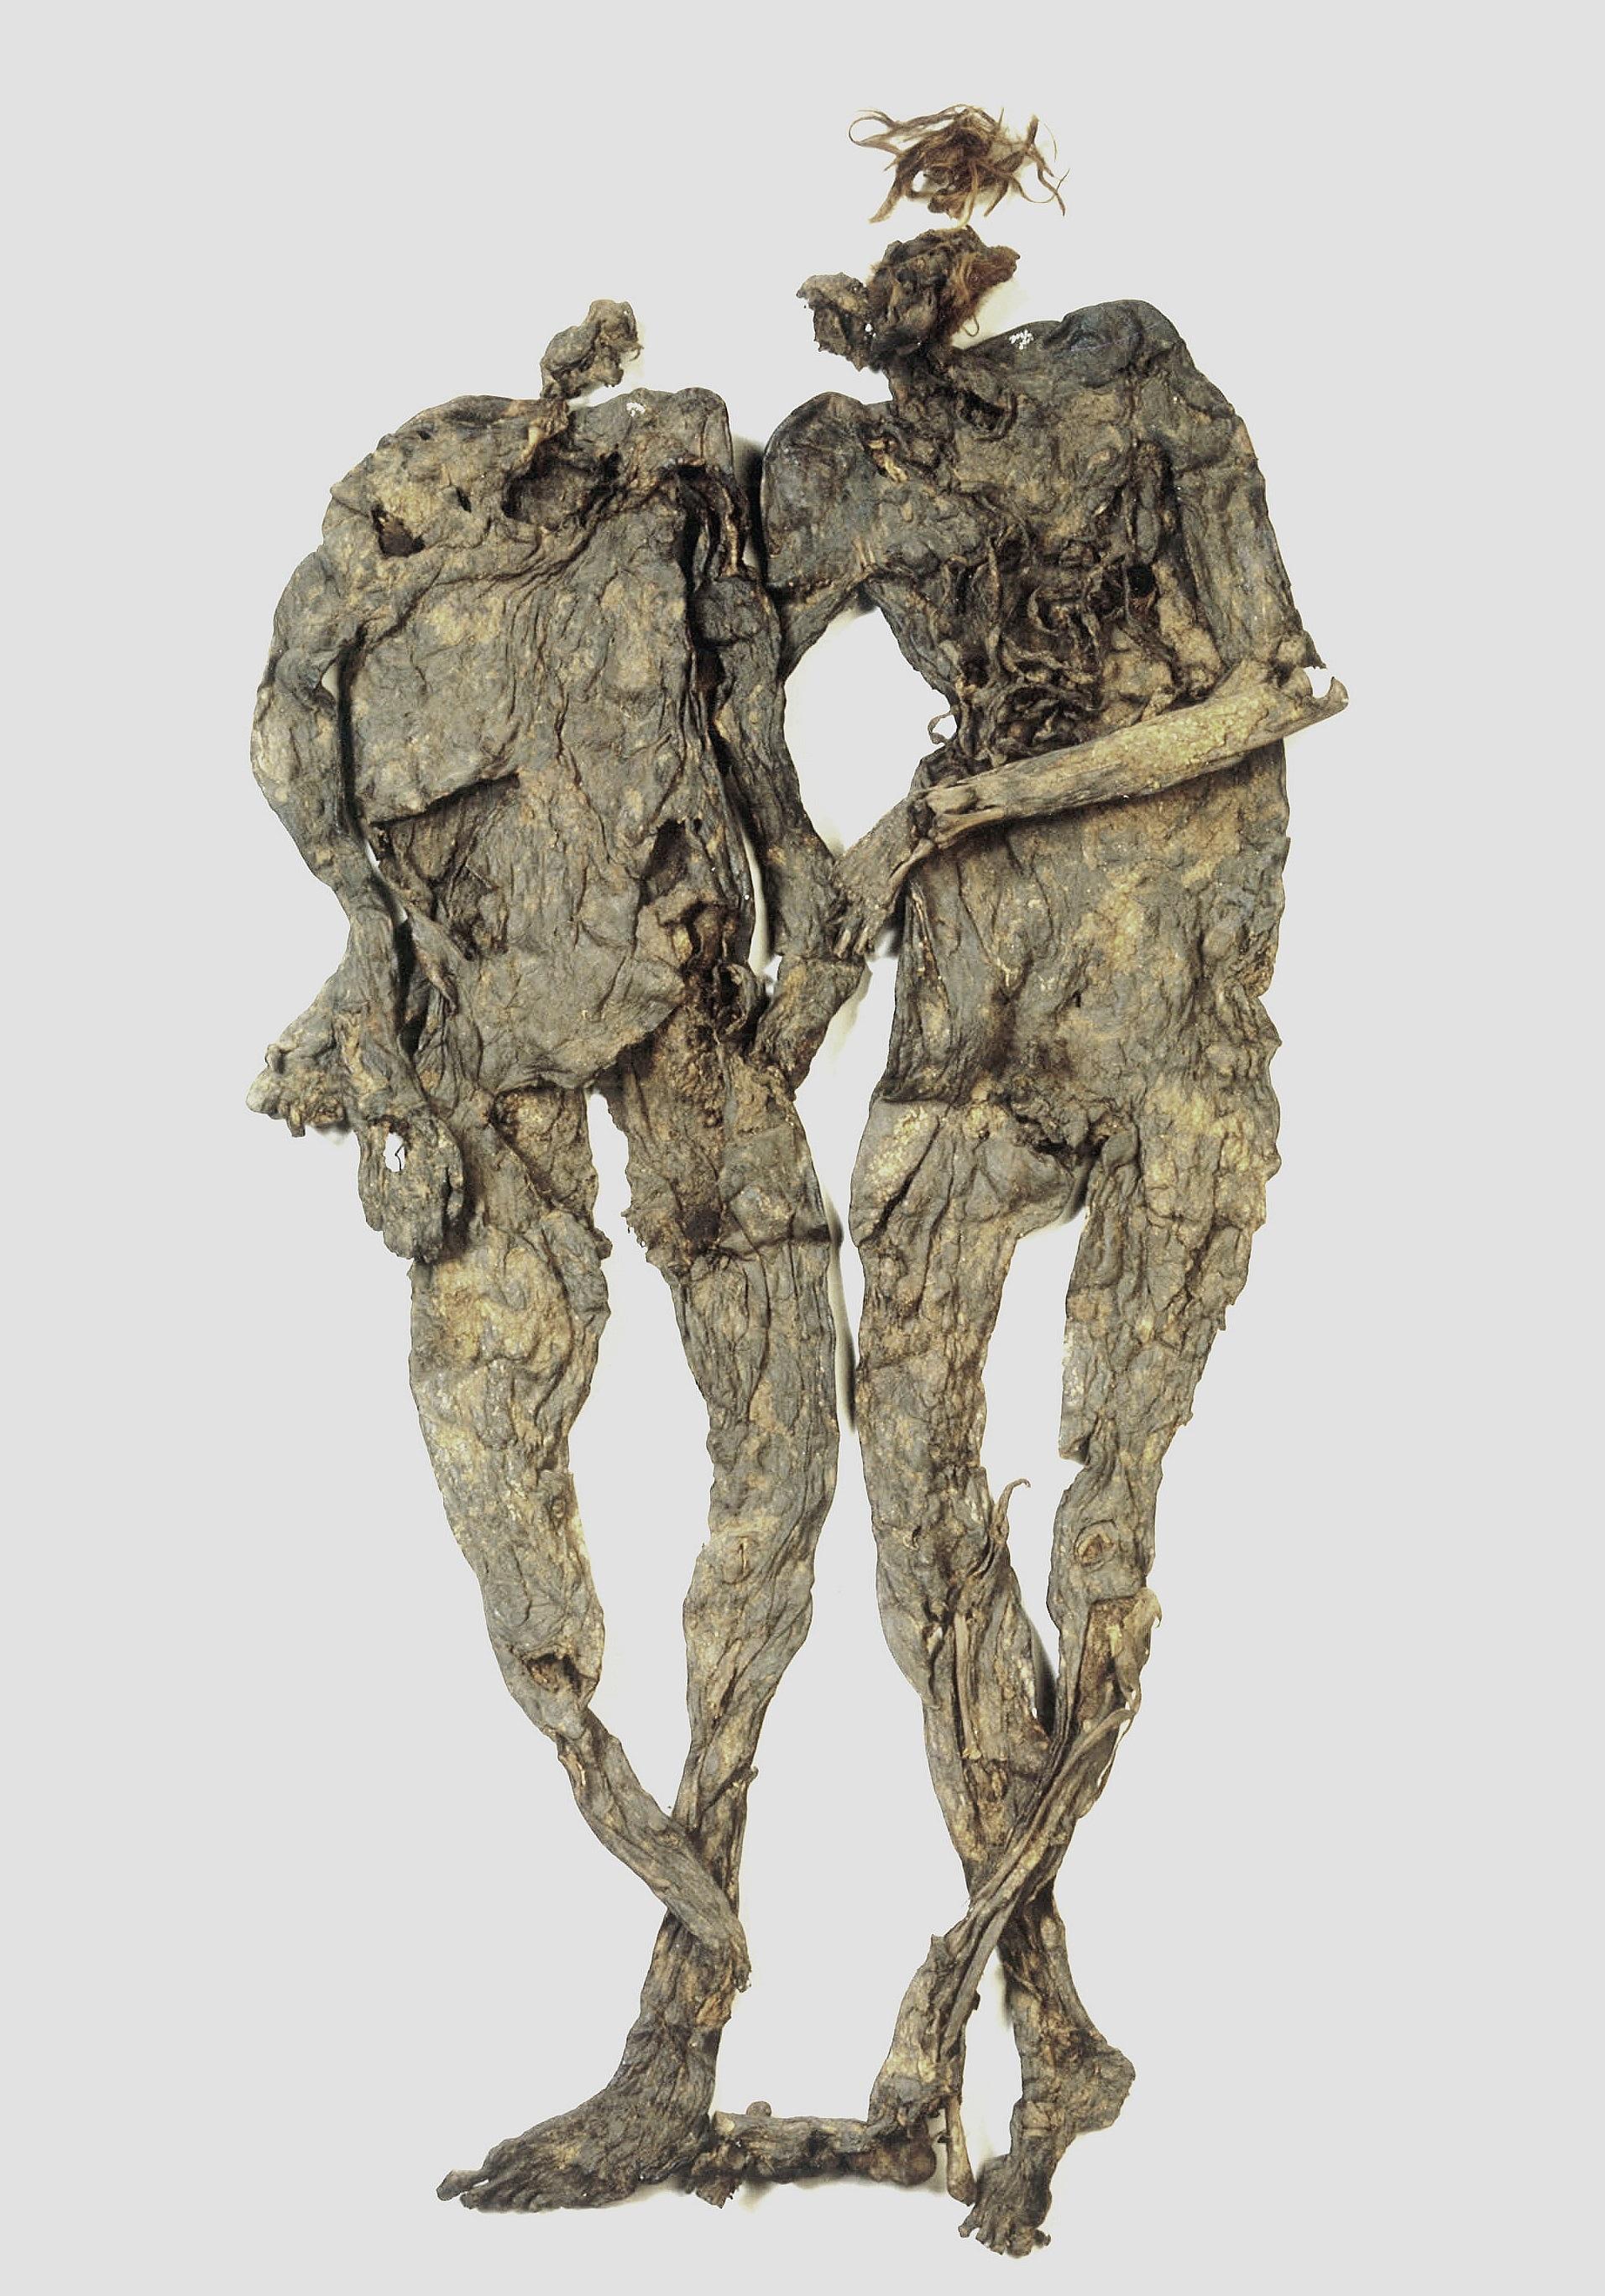 《ウェーリンゲメン》 ドレンテ博物館所蔵 紀元前40年-後50年頃、オランダ